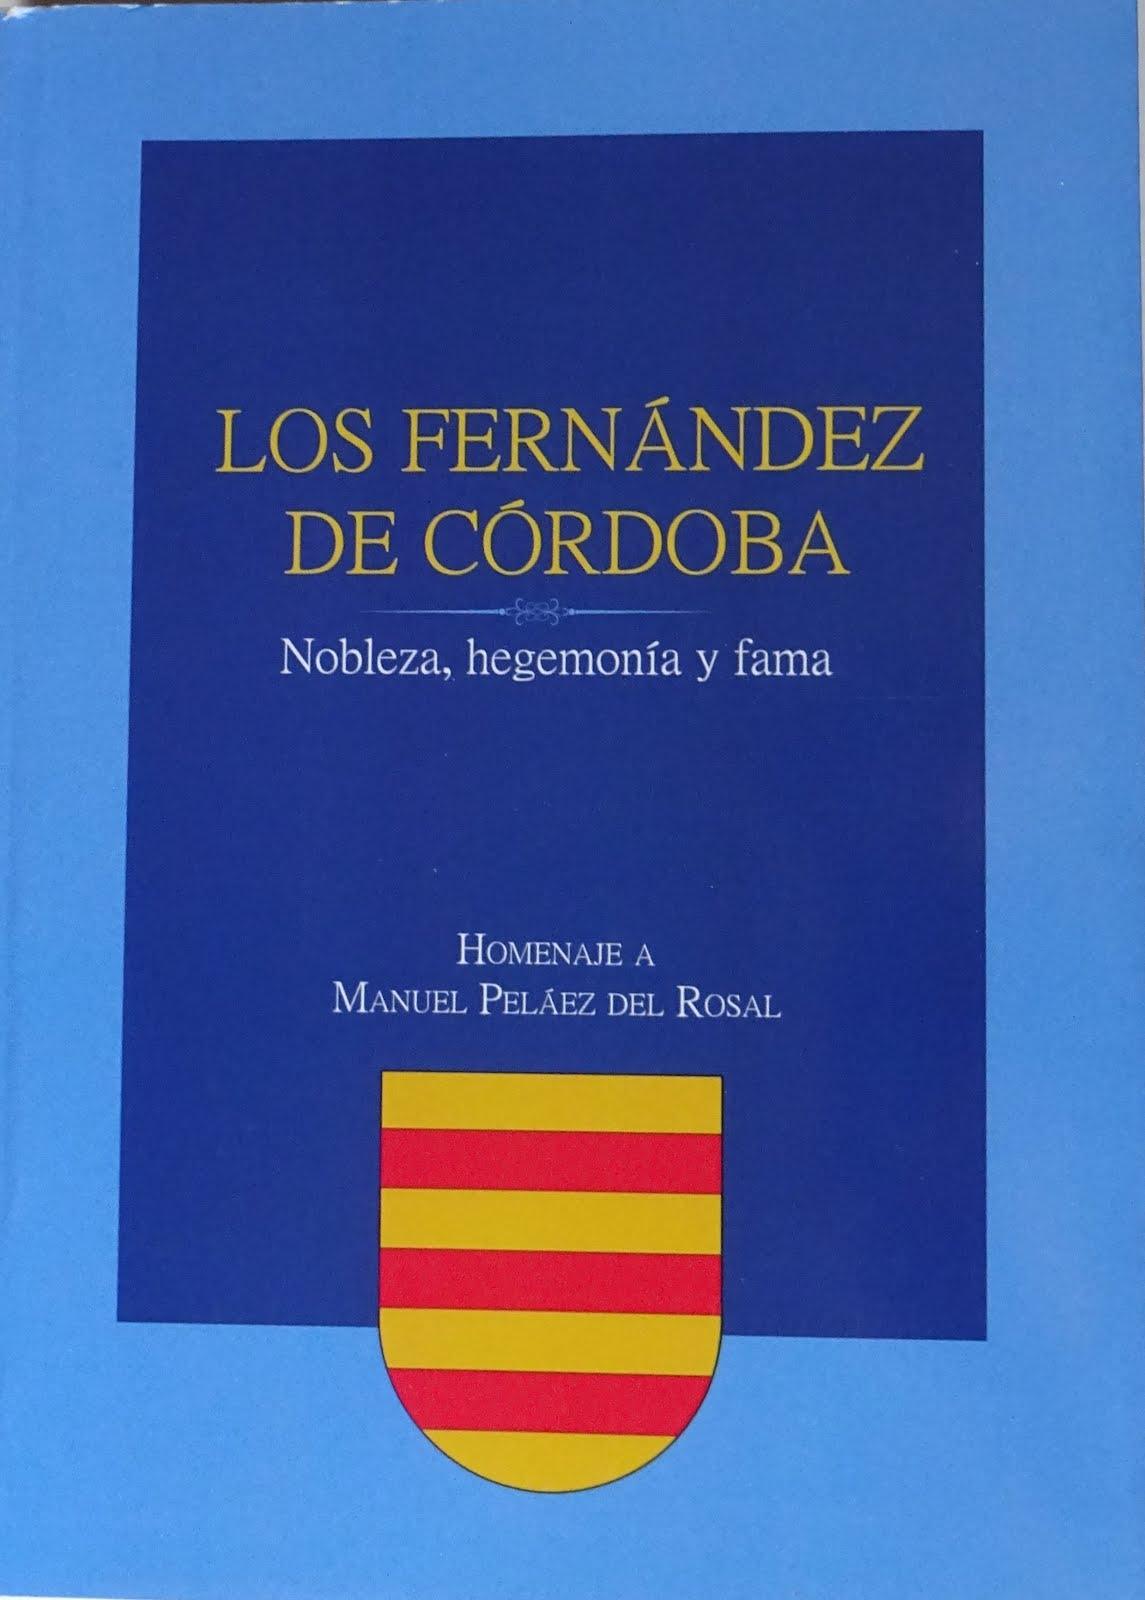 Homenaje a D. Manuel Peláez del Rosal